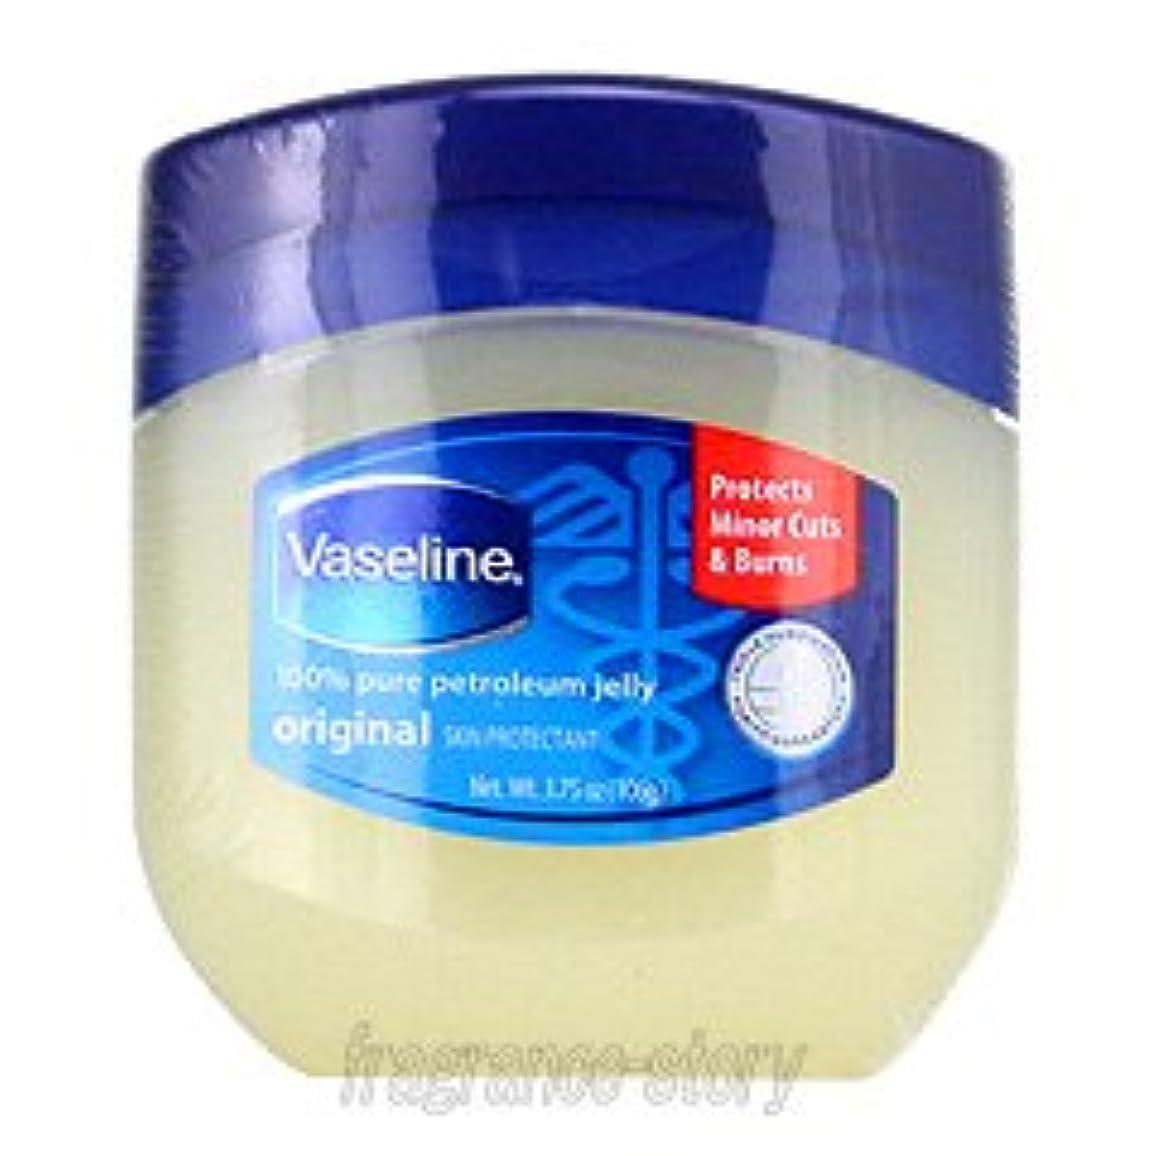 染色メタン制限ヴァセリン VASELINE ペトロリュームジェリー 106g hs